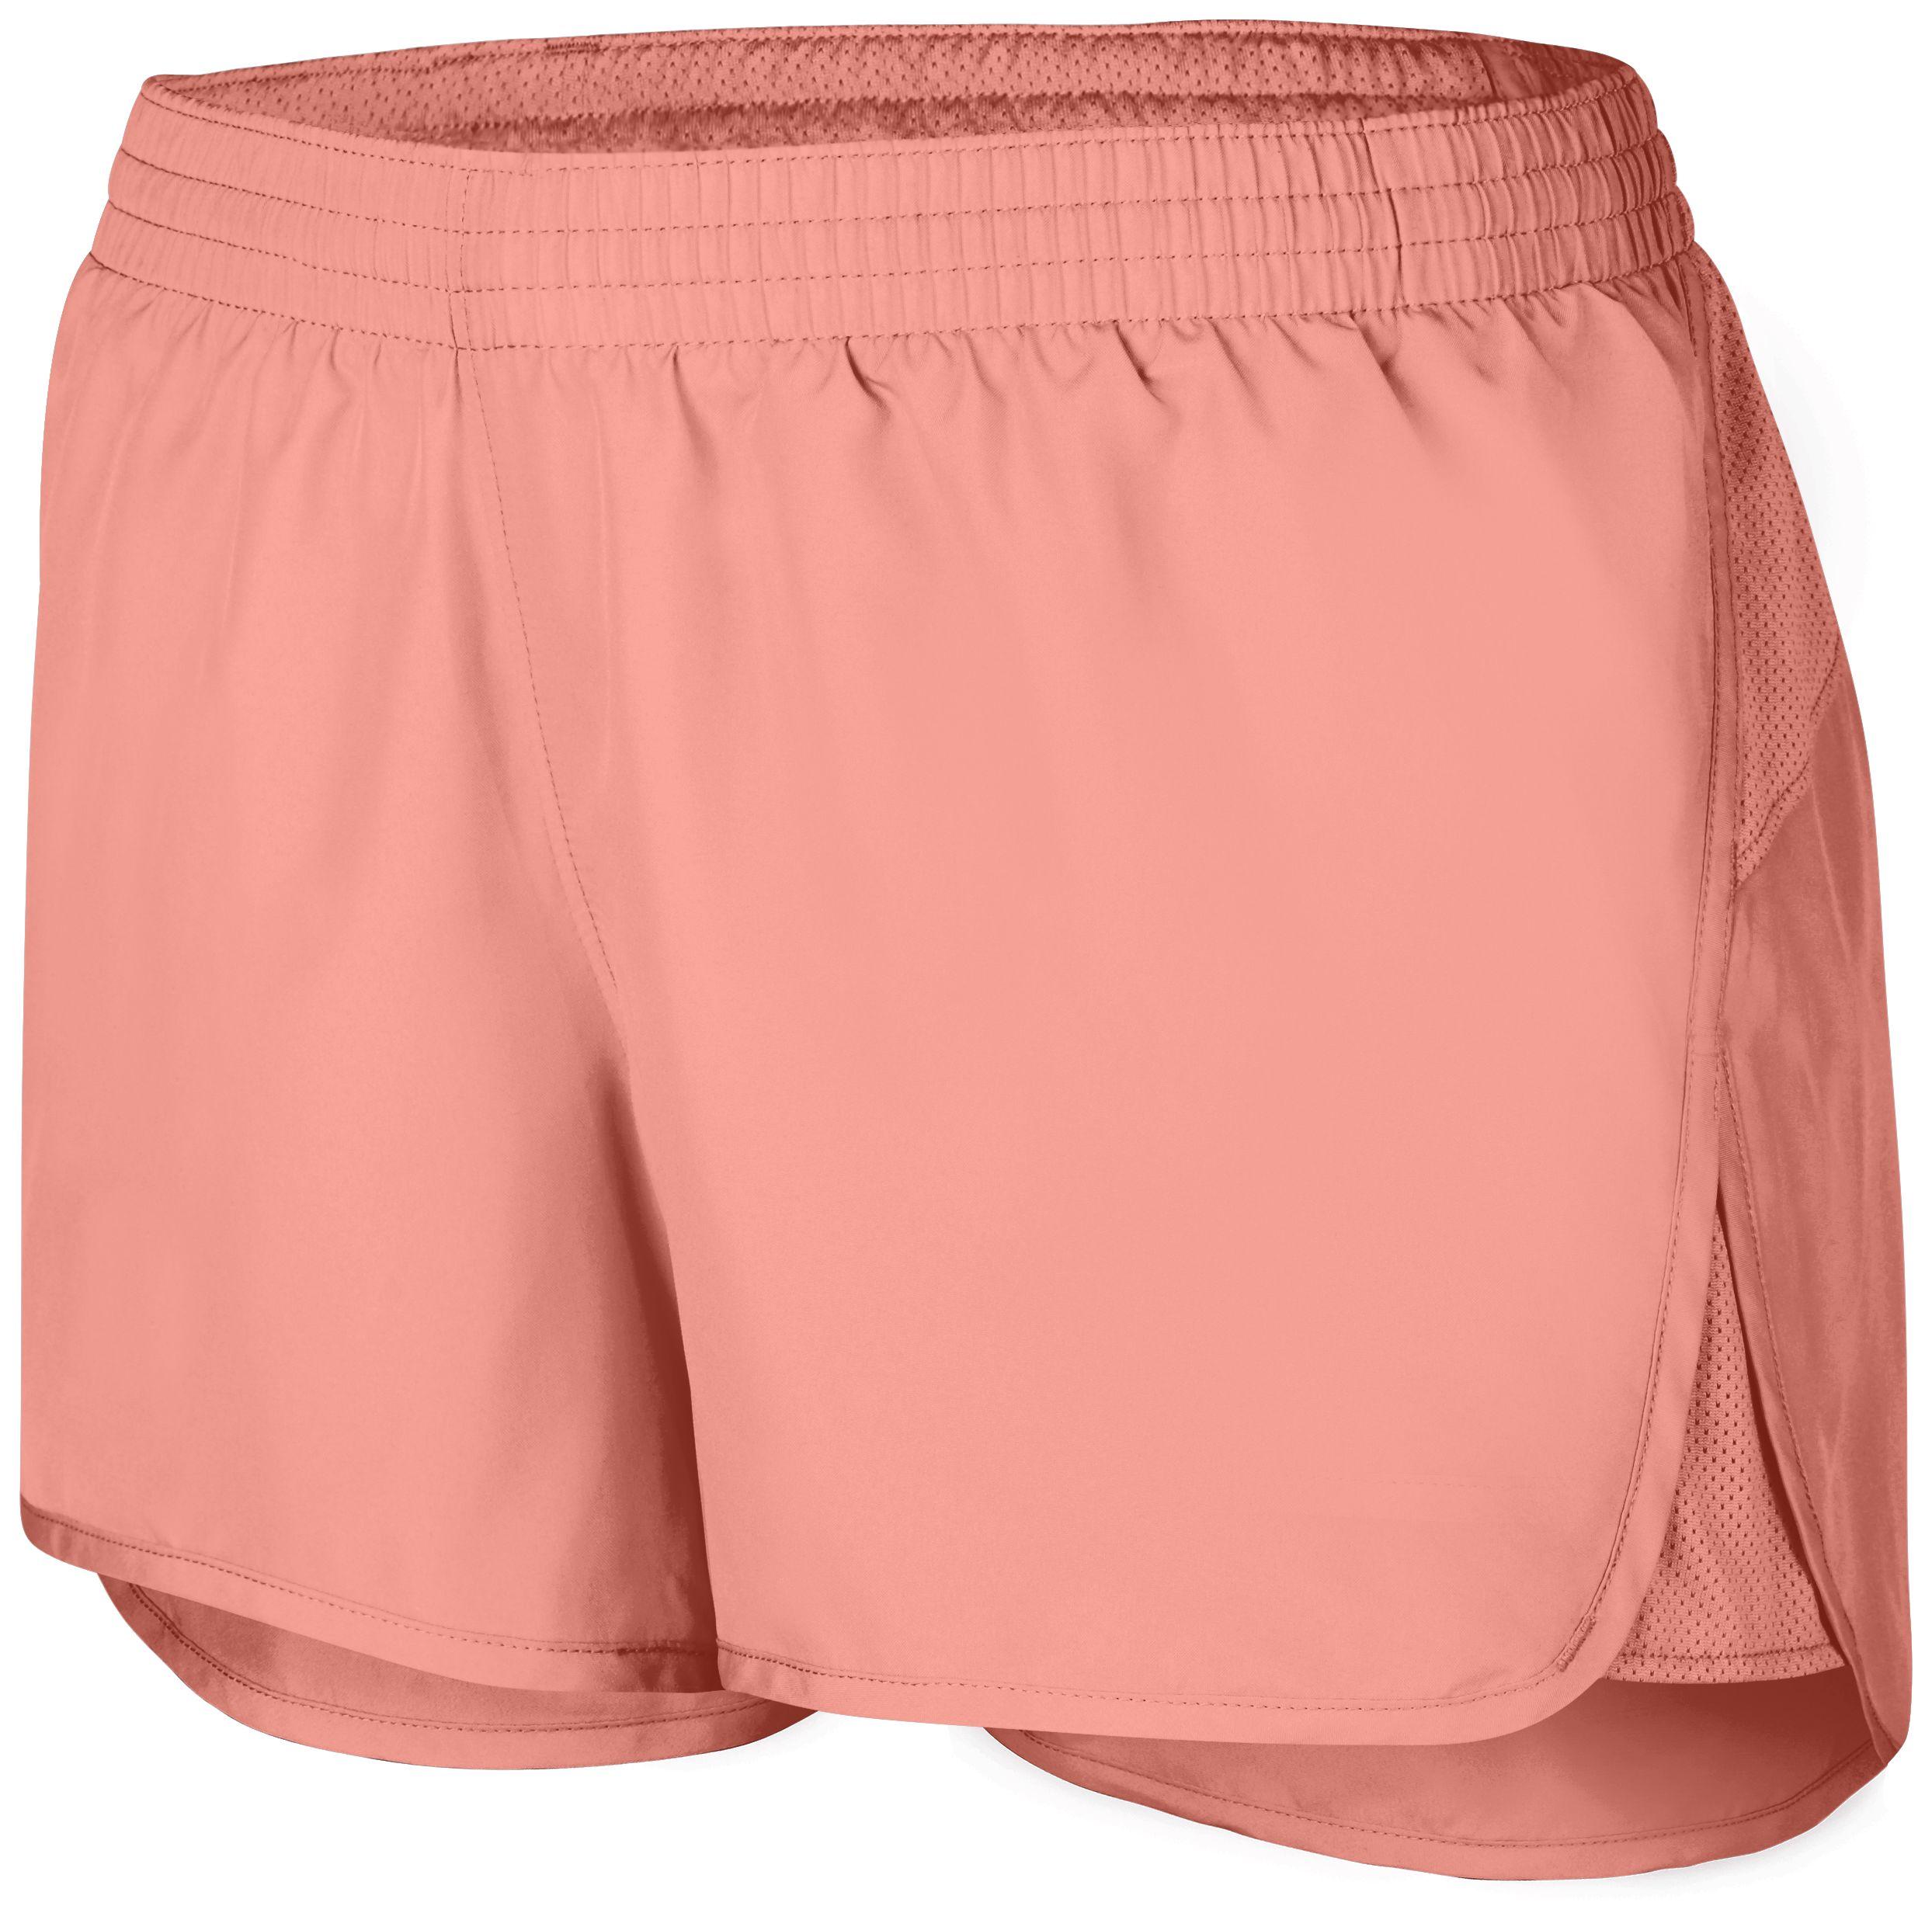 Ladies Wayfarer Shorts - CORAL